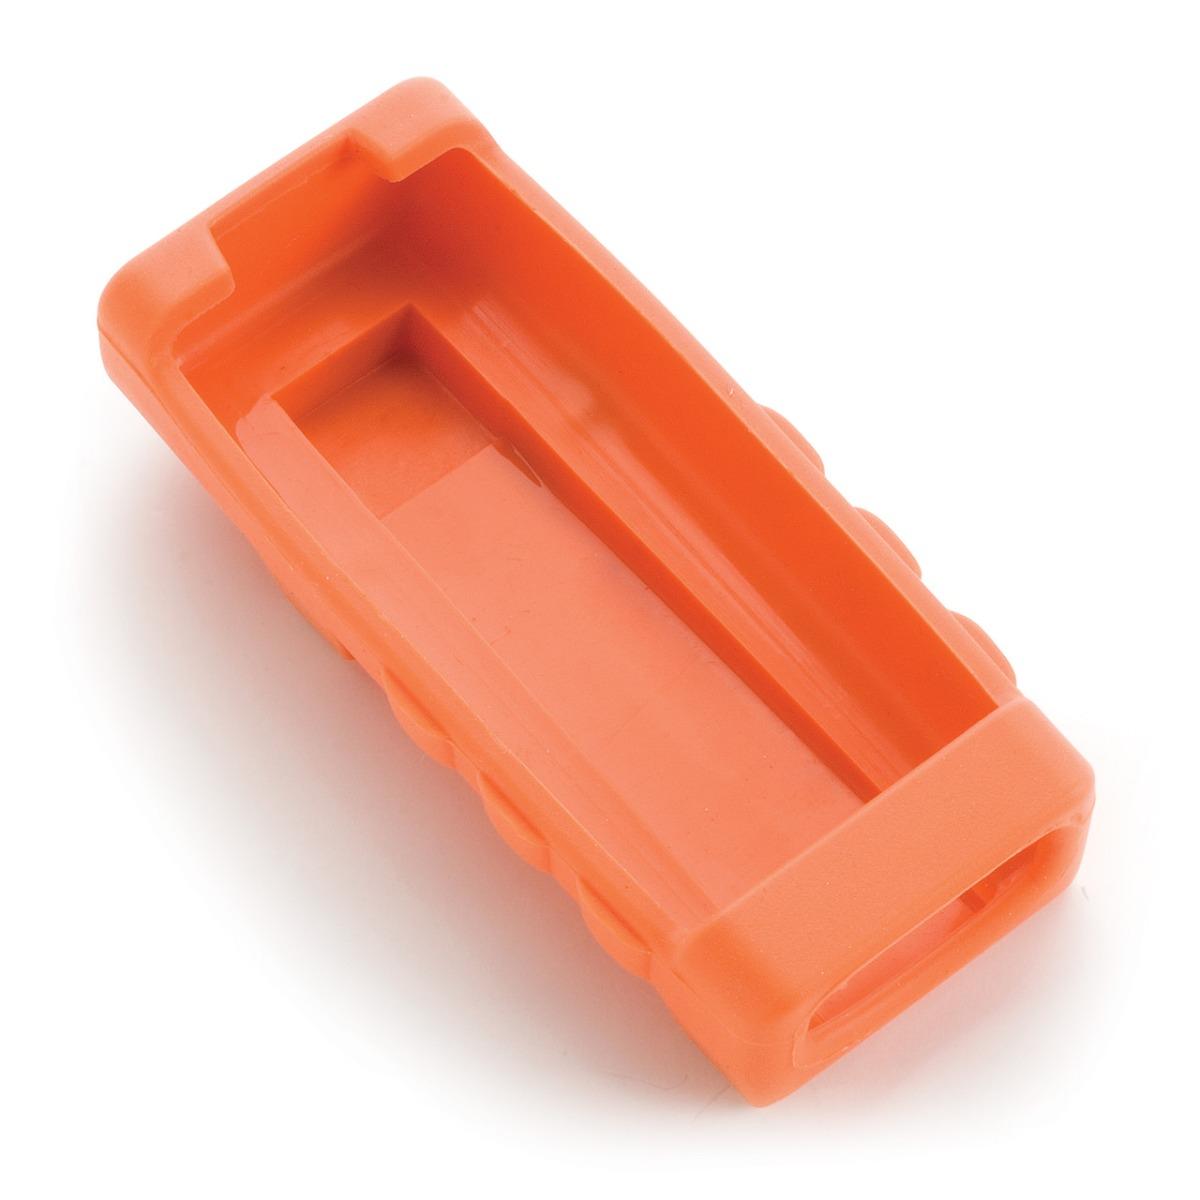 HI710023 Shockproof Rubber Boot (Orange)